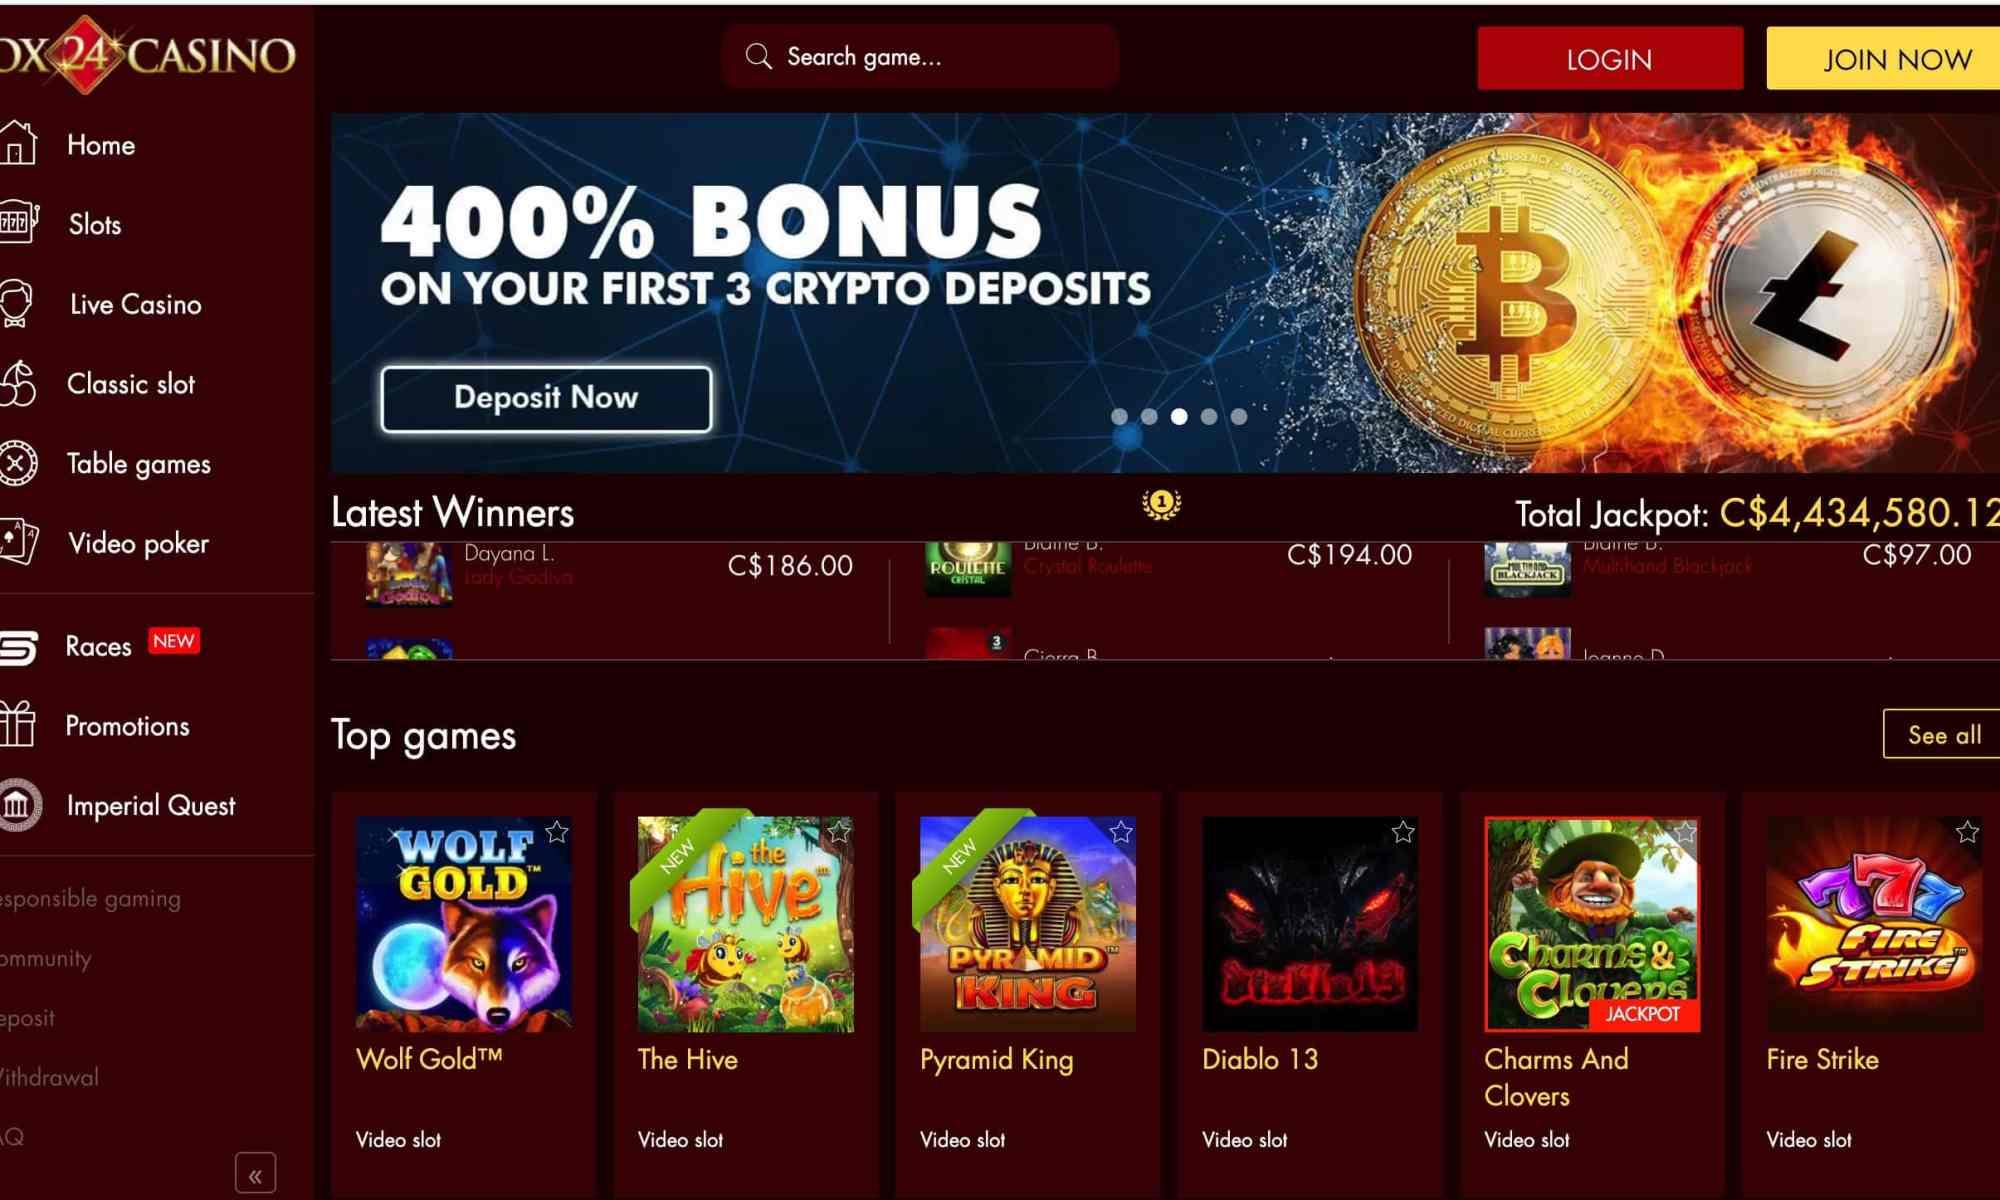 Box24 Casino - Get 135 Spins Plus 1150% Match Bonus